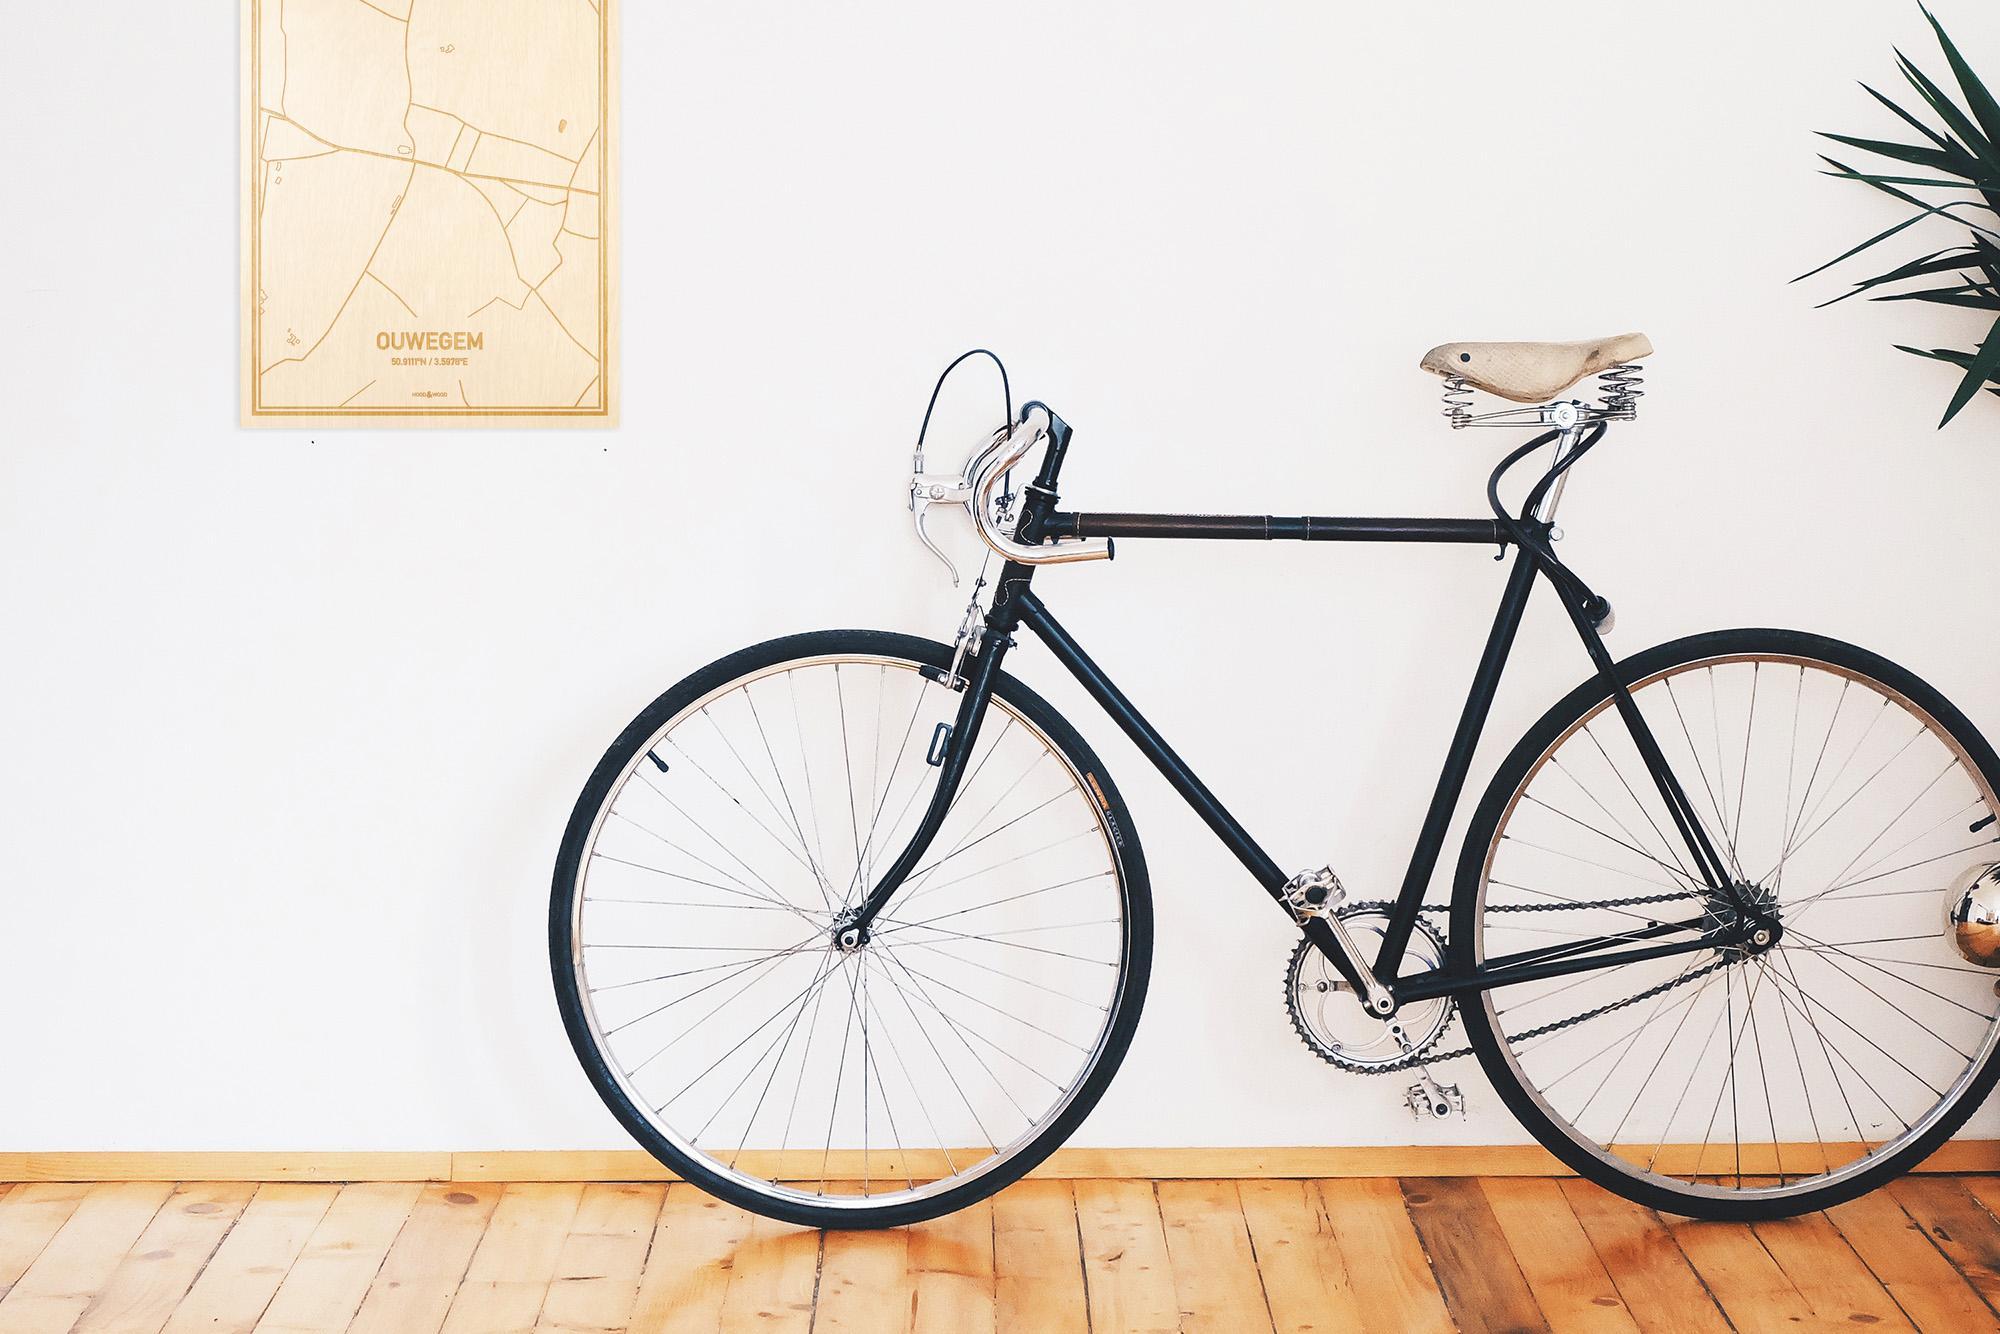 Een snelle fiets in een uniek interieur in Oost-Vlaanderen  met mooie decoratie zoals de plattegrond Ouwegem.